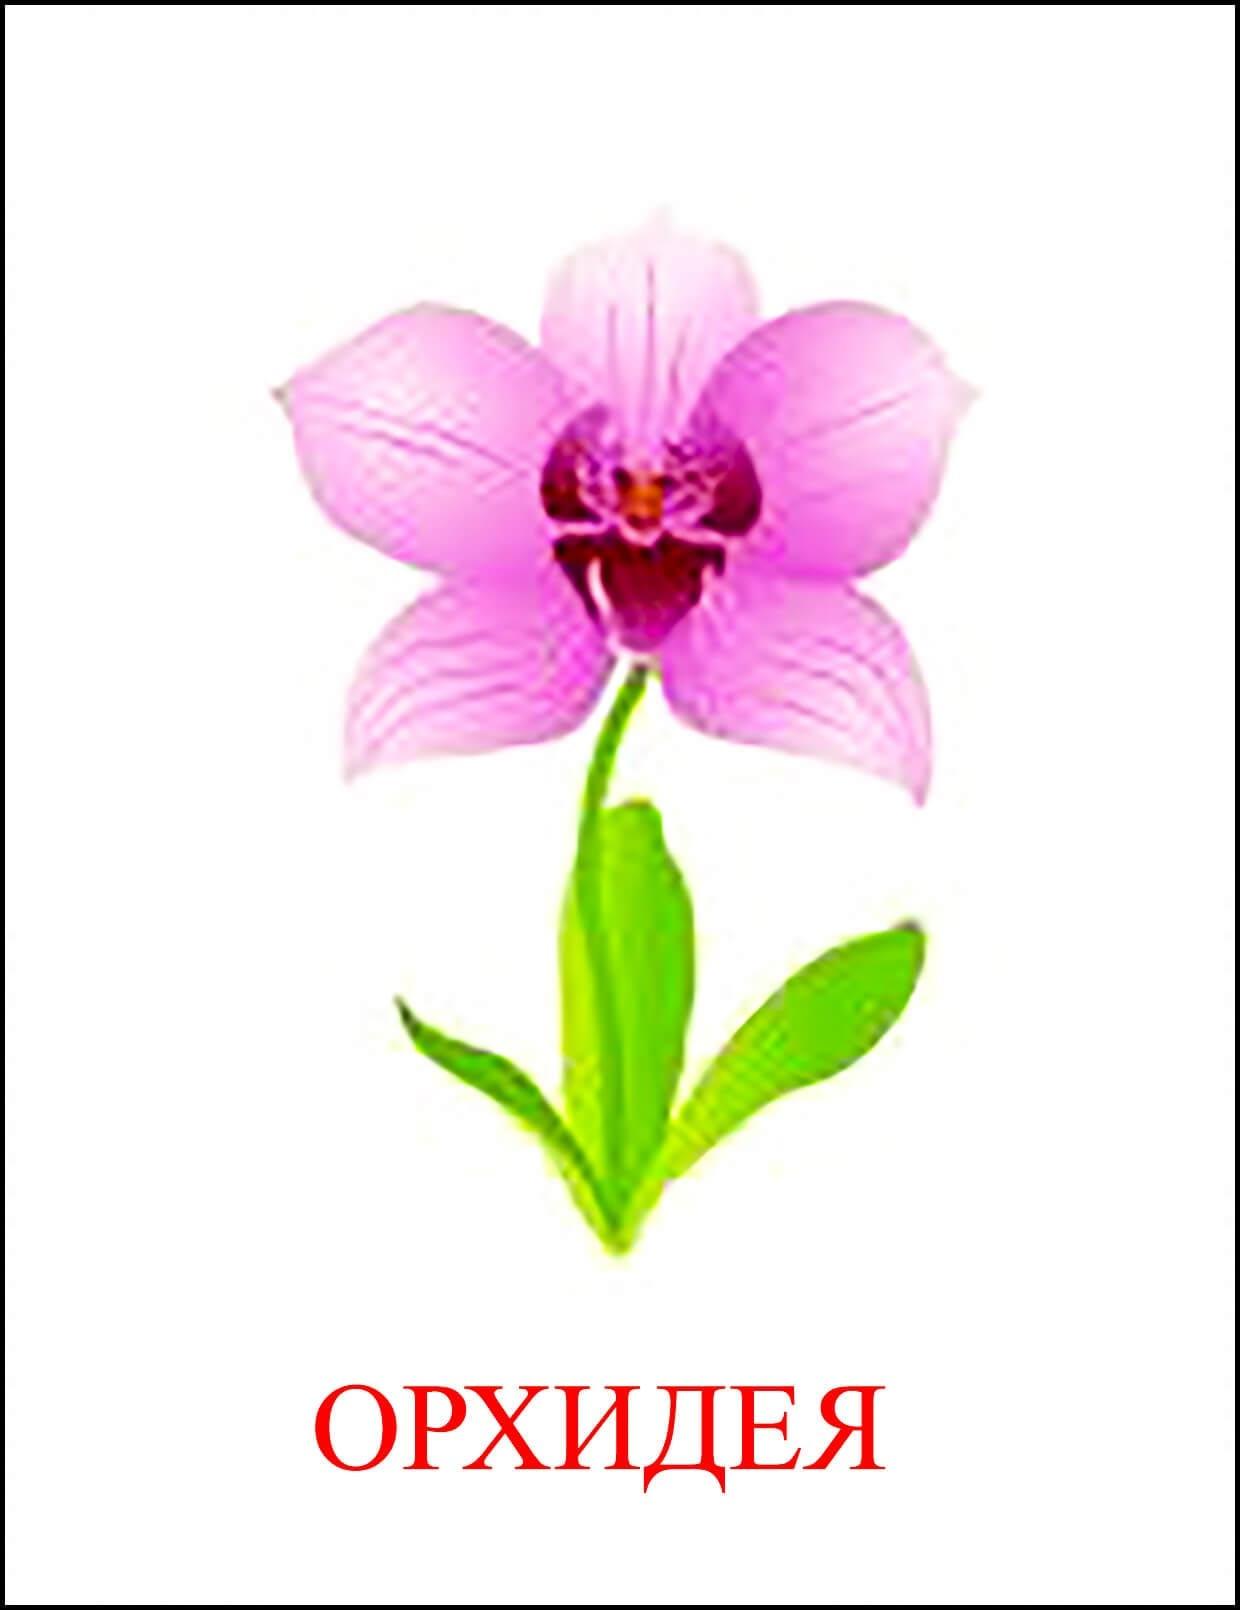 Орхидея картинка для детей